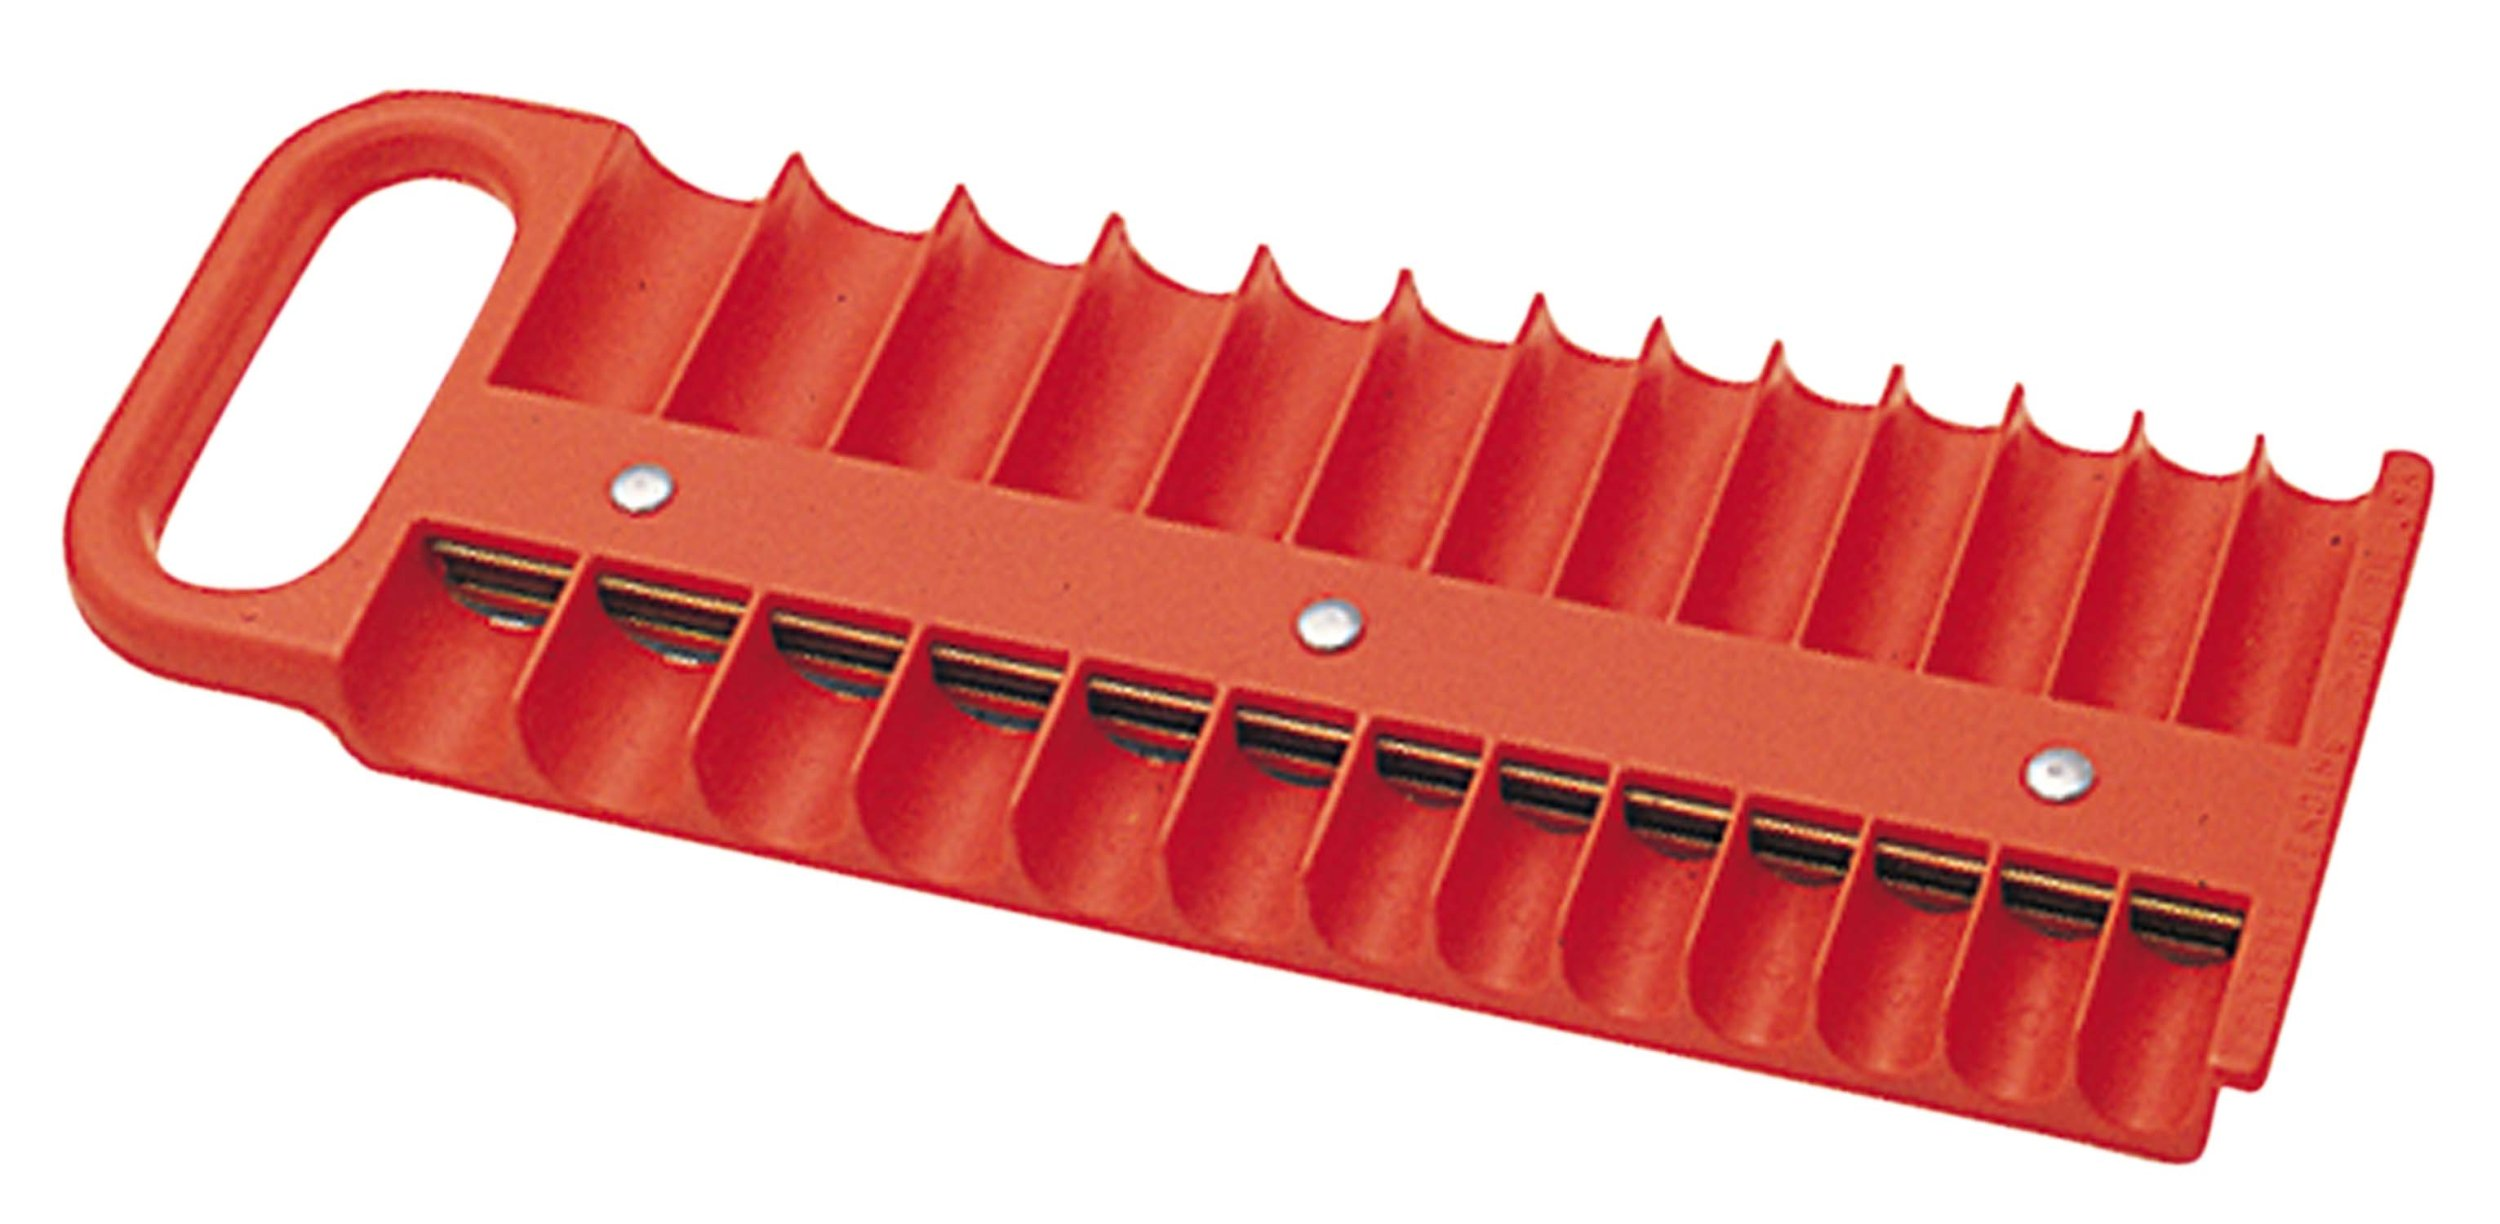 Lisle 40120 1/4'' Magnetic Socket Holder by Lisle (Image #1)